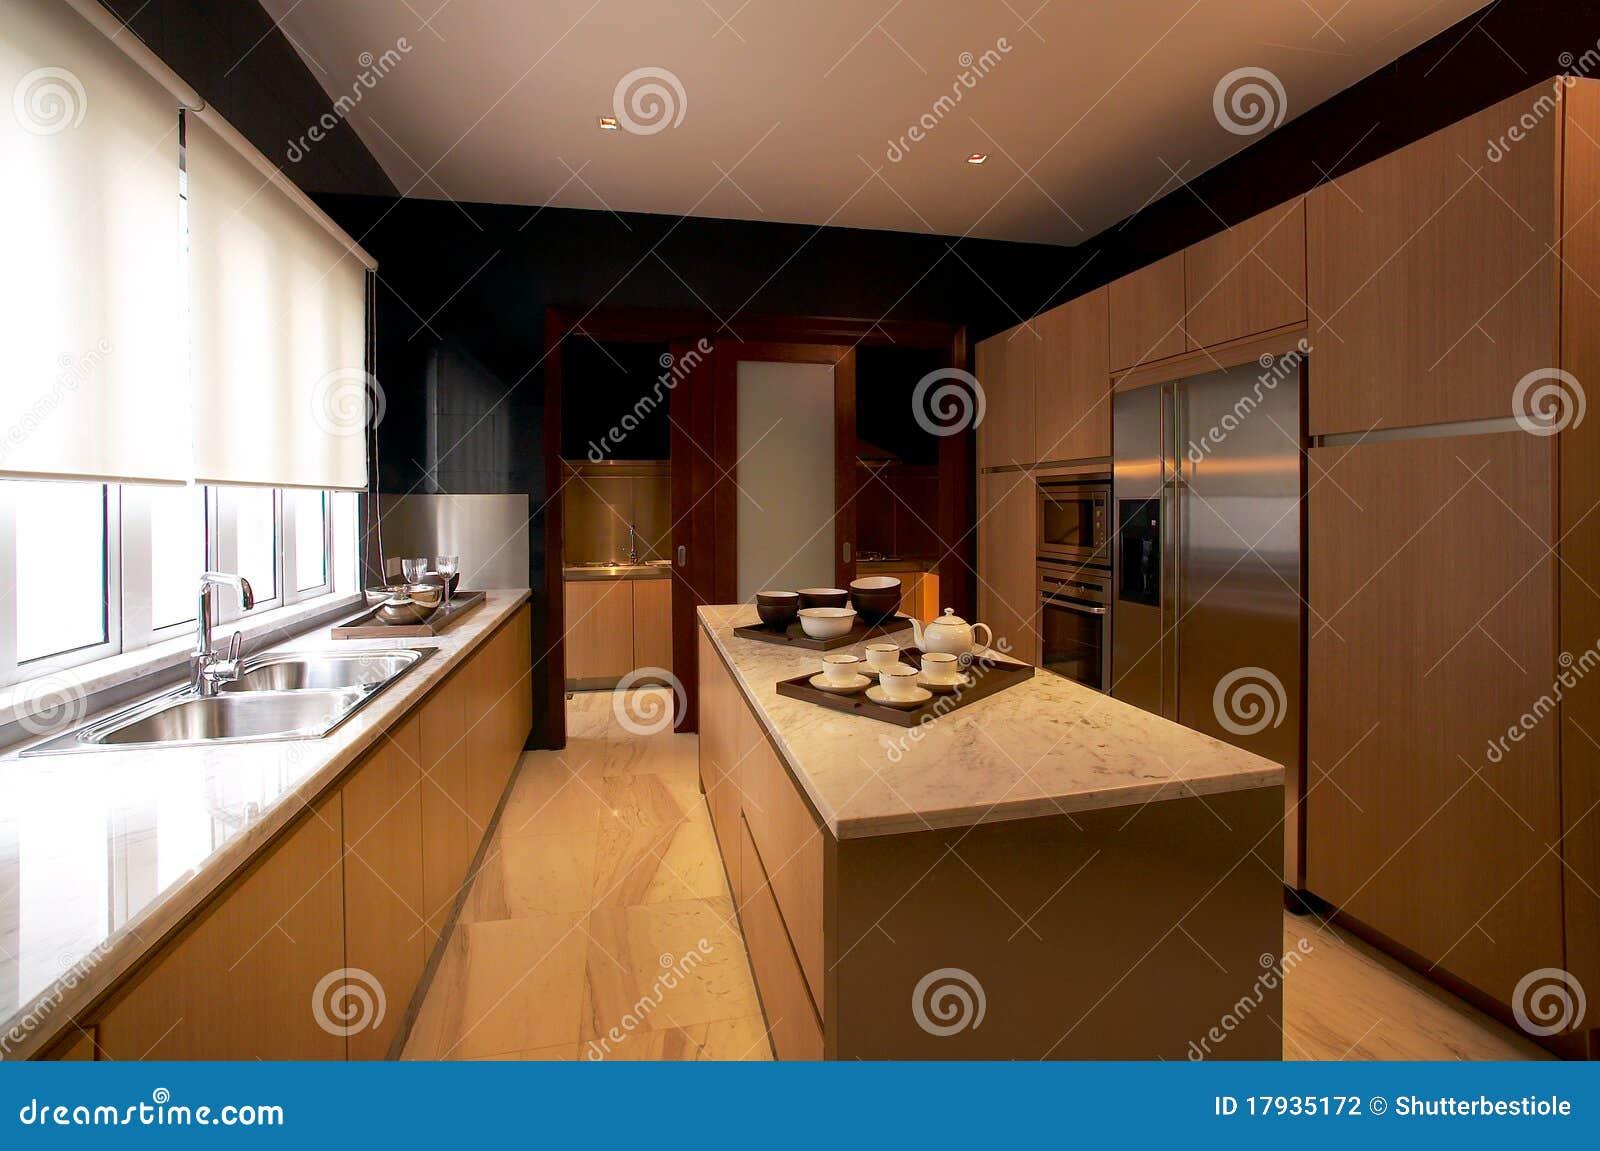 Cozinha Moderna Fotografia de Stock Imagem: 17935172 #2C1609 1300 952